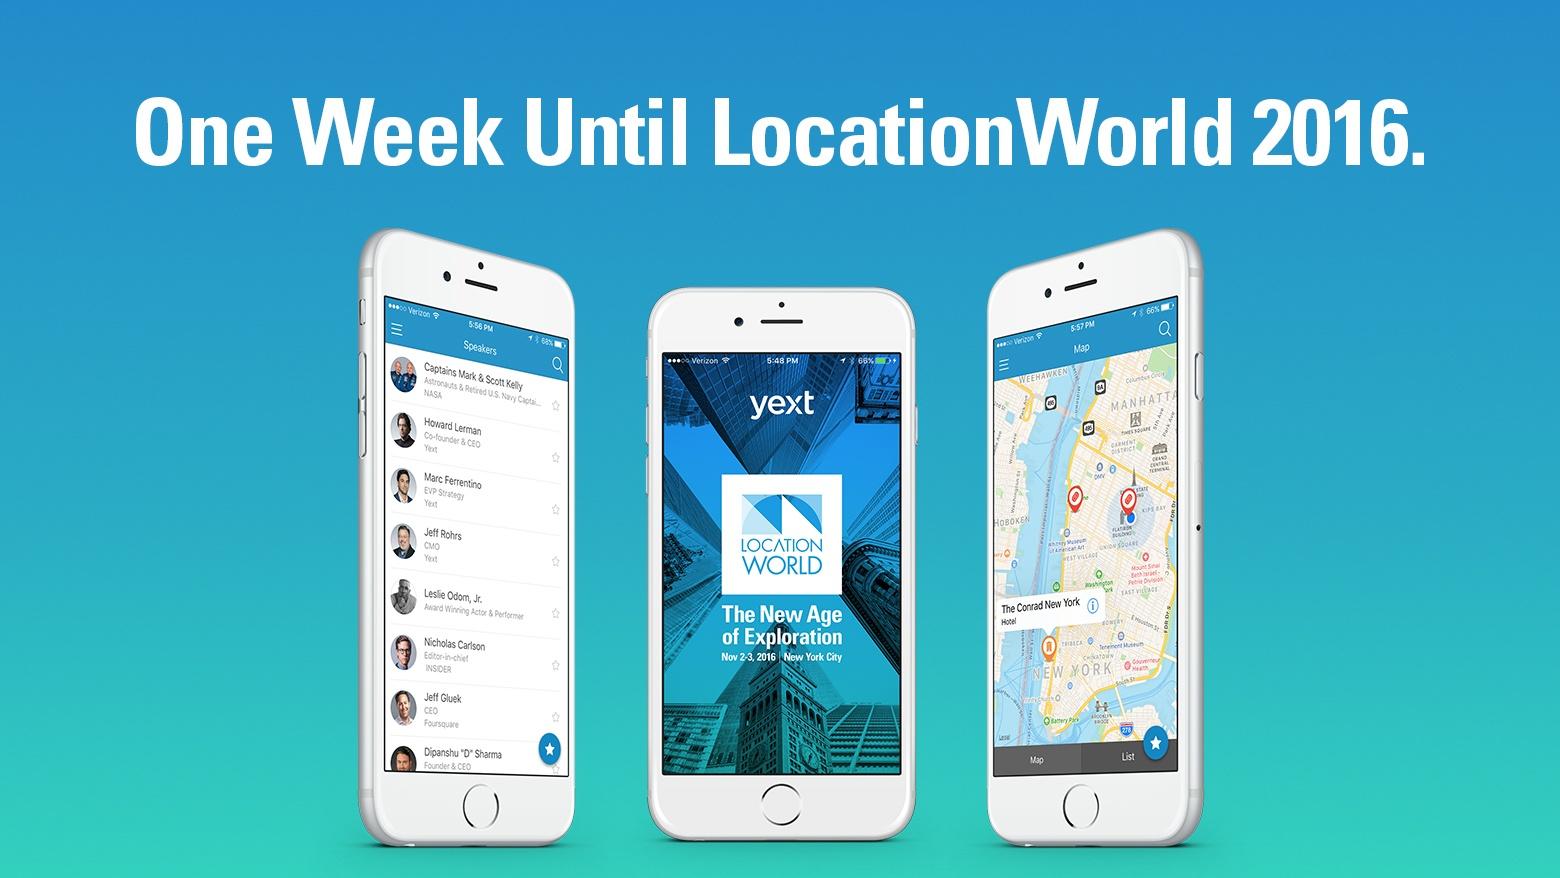 LocationWorld